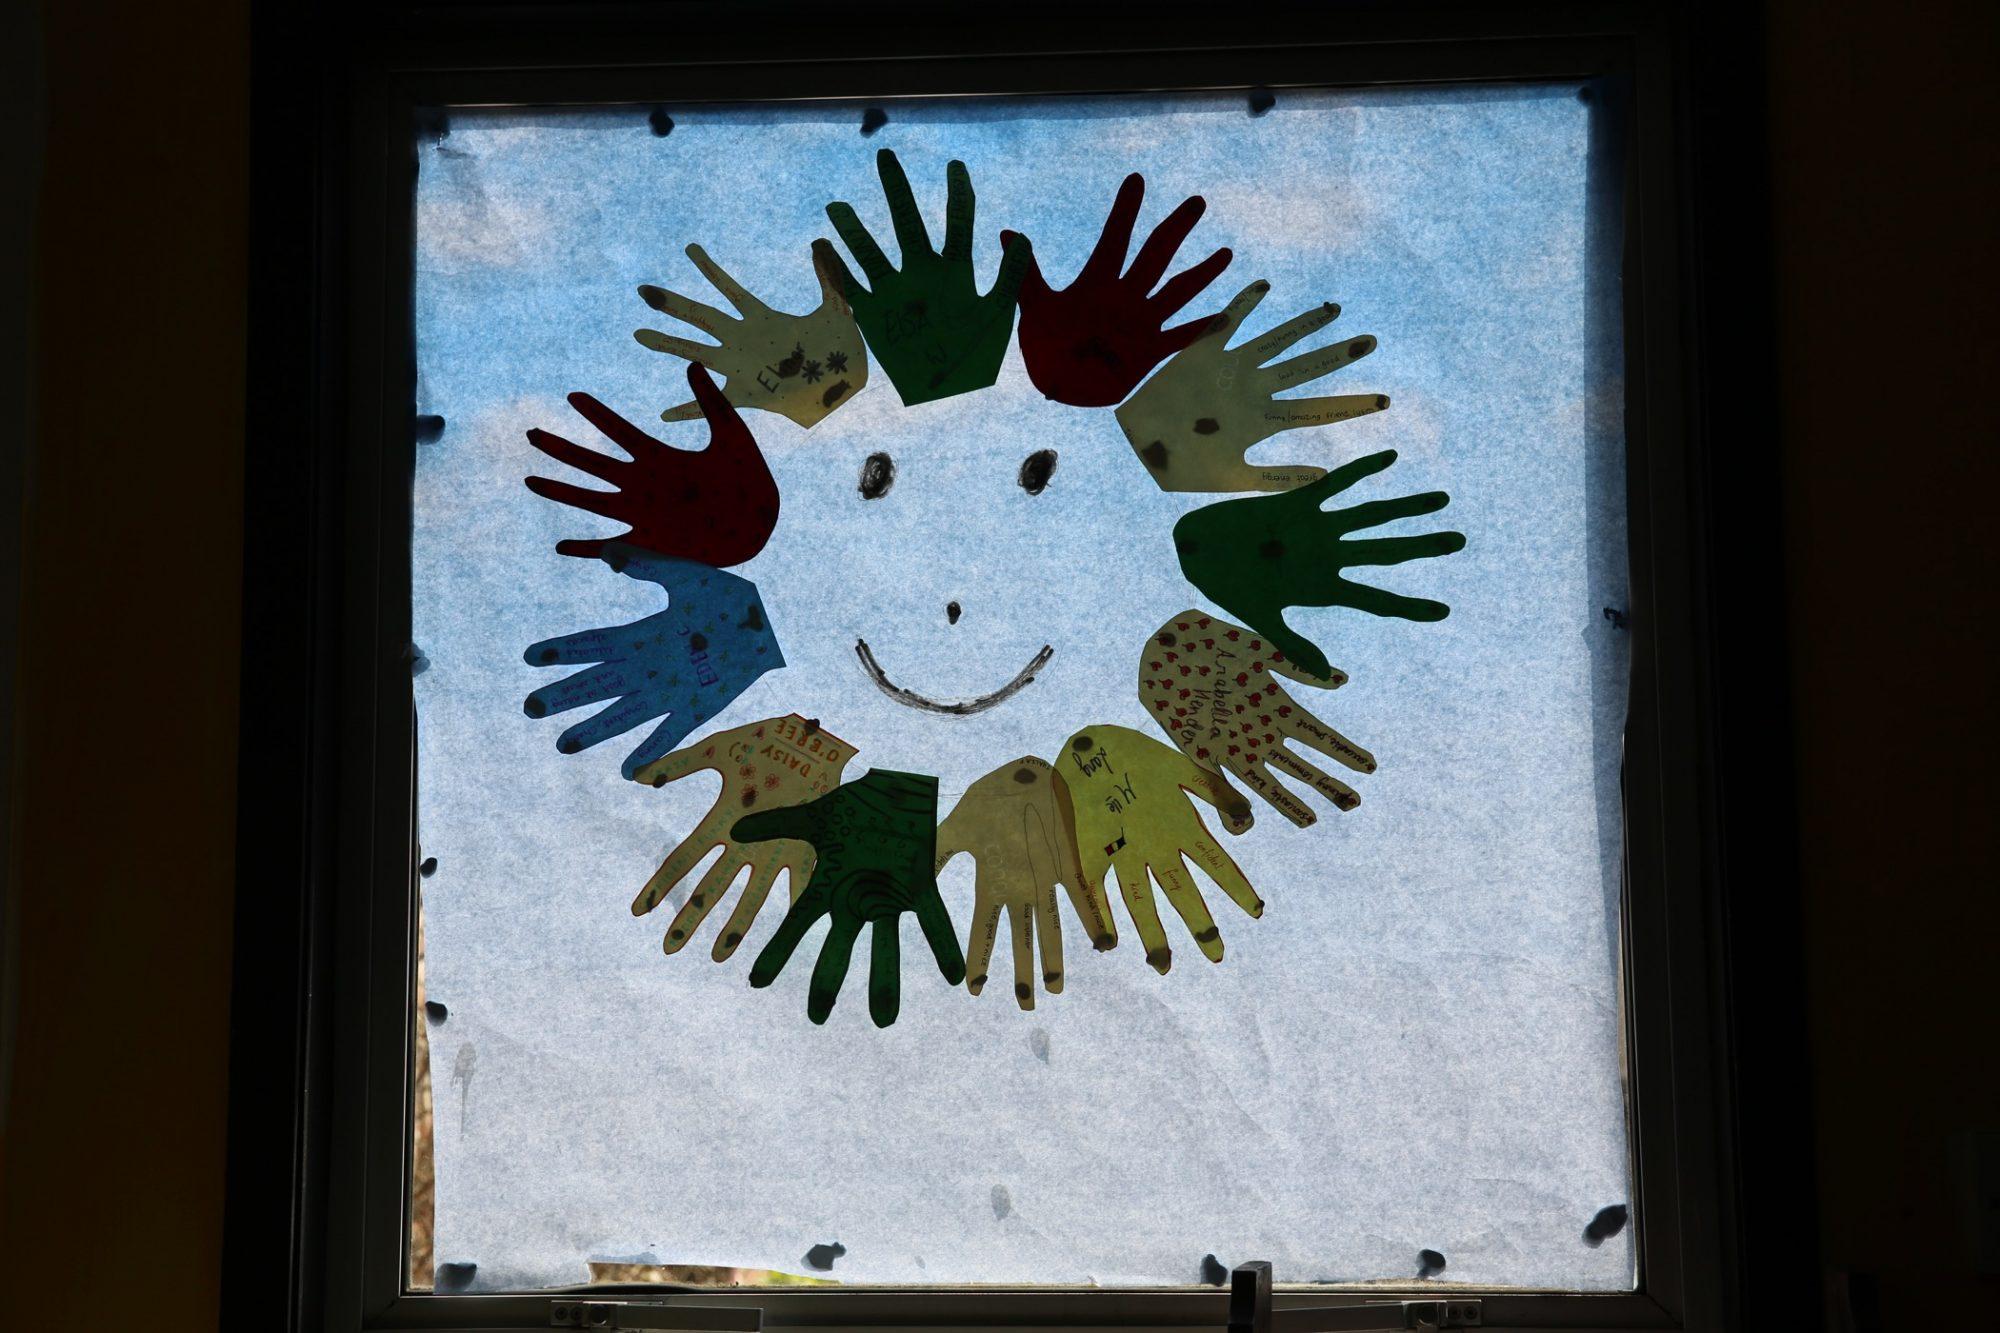 Hanford School-Hanford Well-being days 3